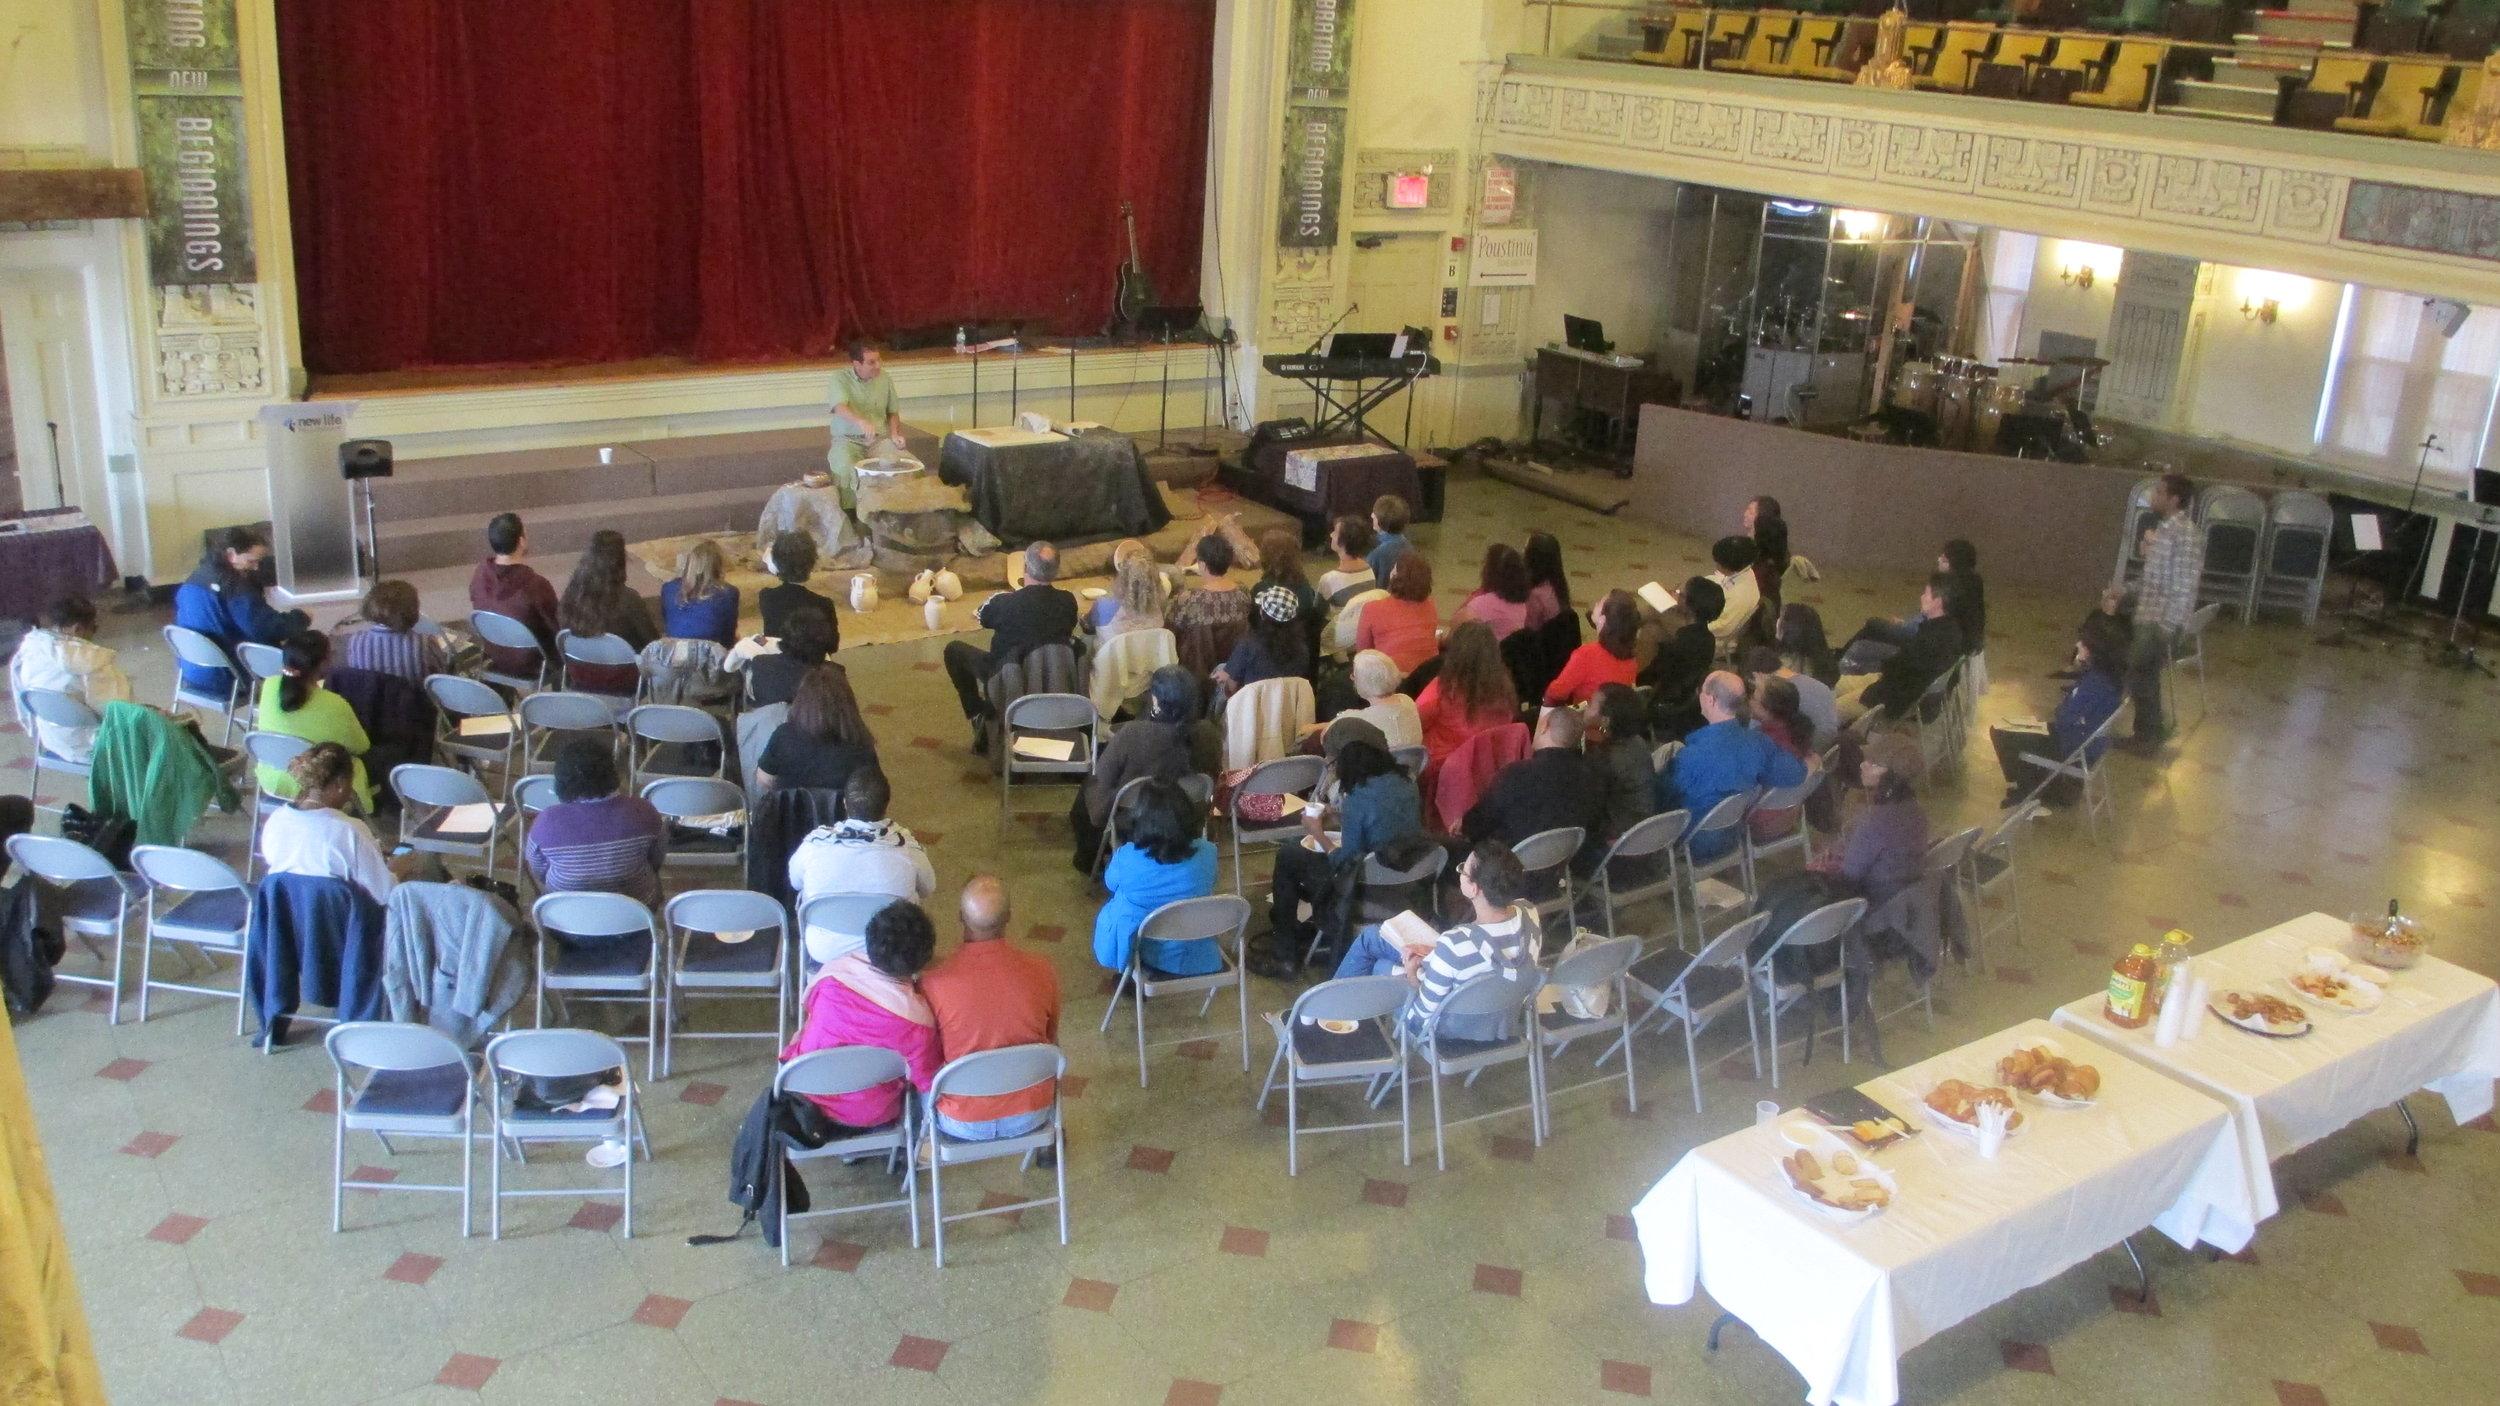 New Life Chapel, Elmhurst, NY 022.JPG